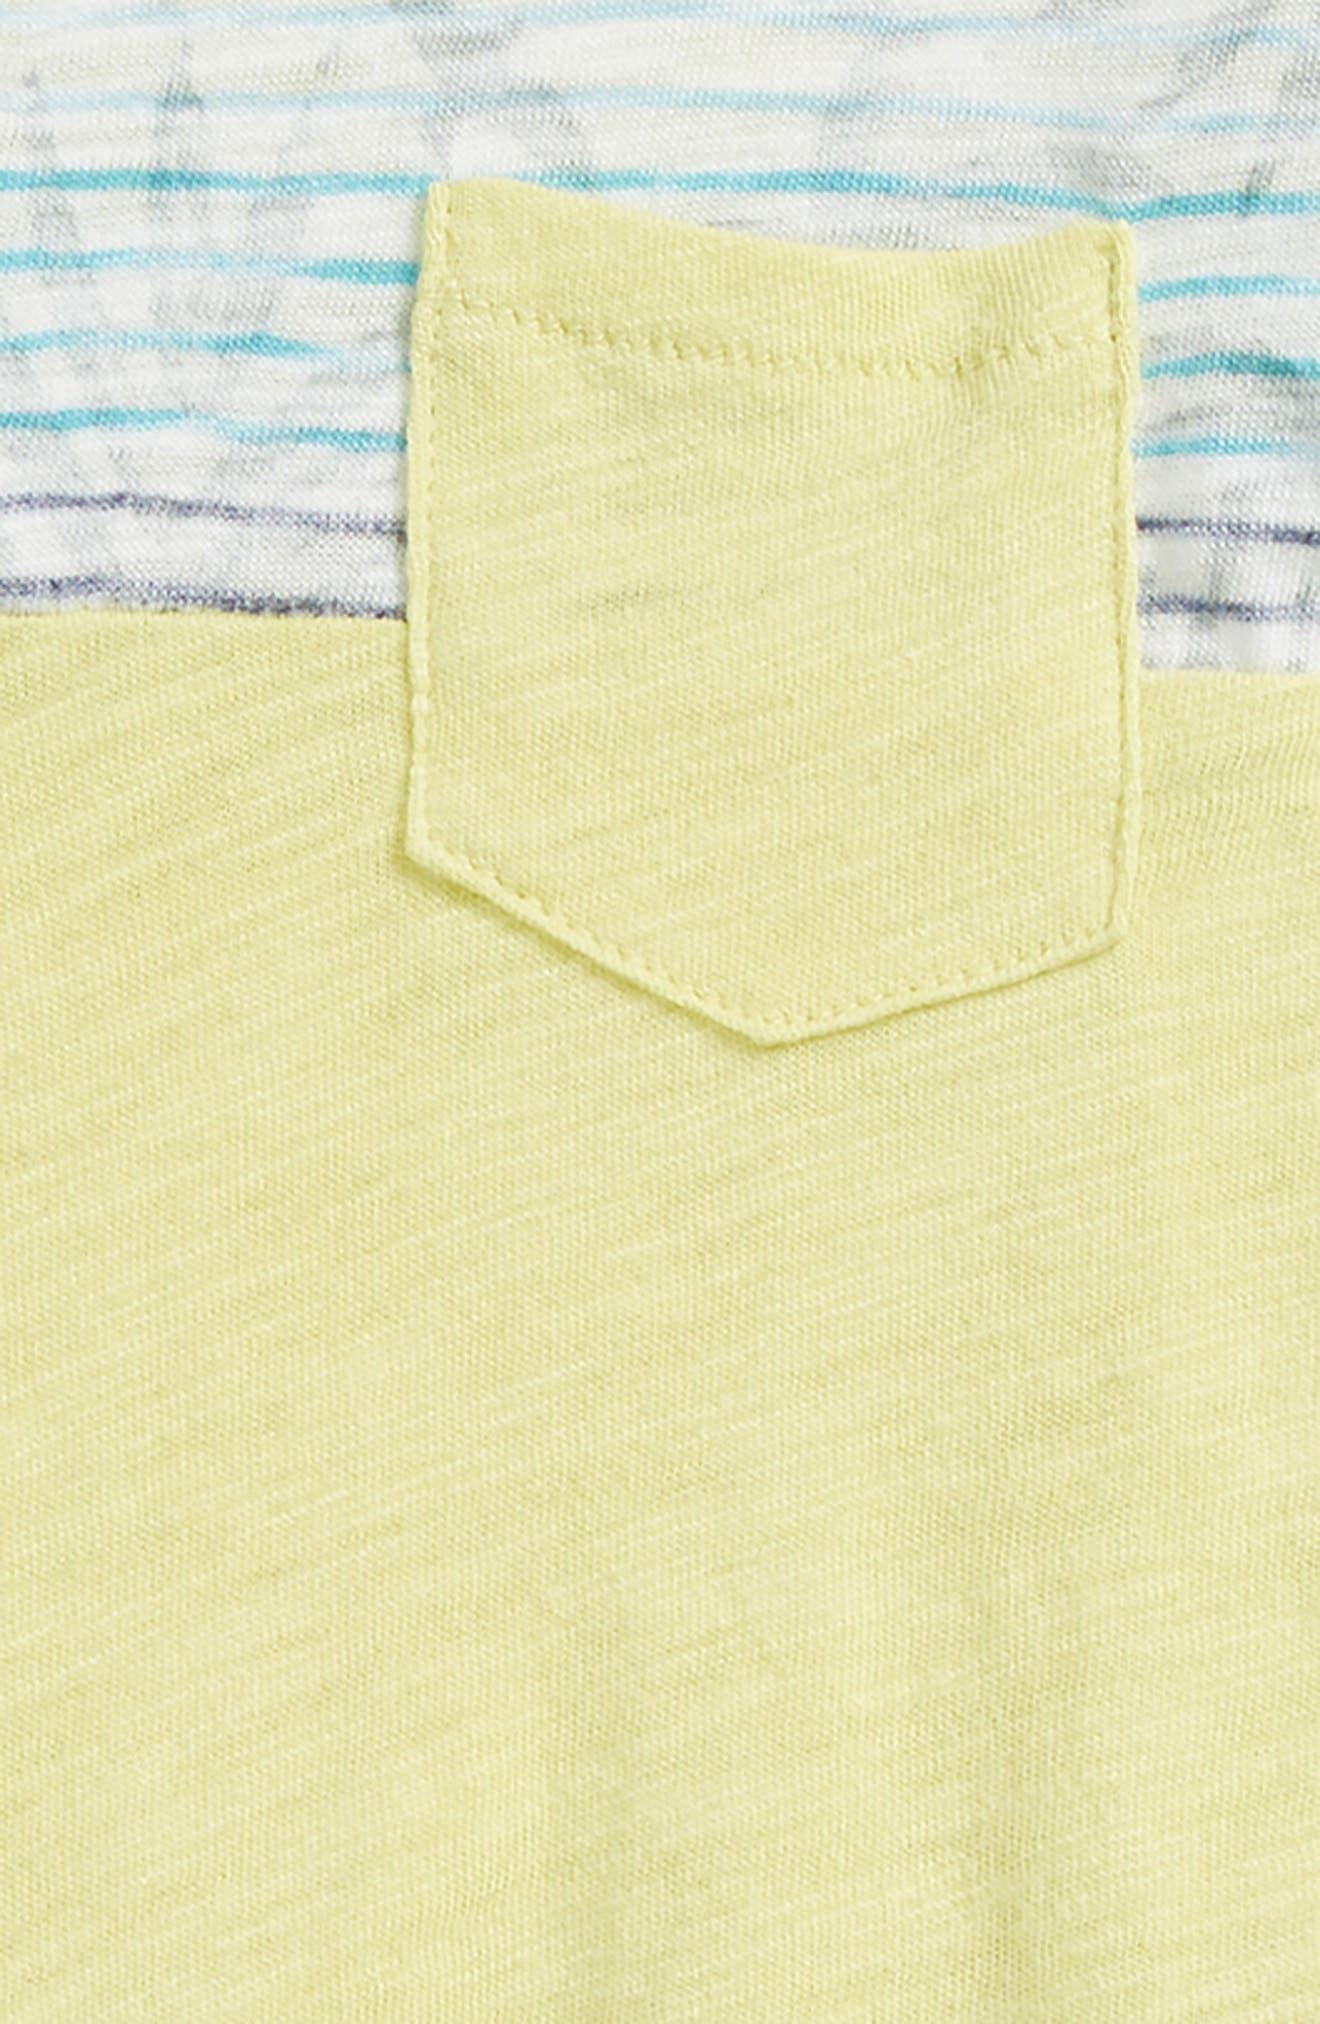 T-Shirt & Shorts Set,                             Alternate thumbnail 2, color,                             320